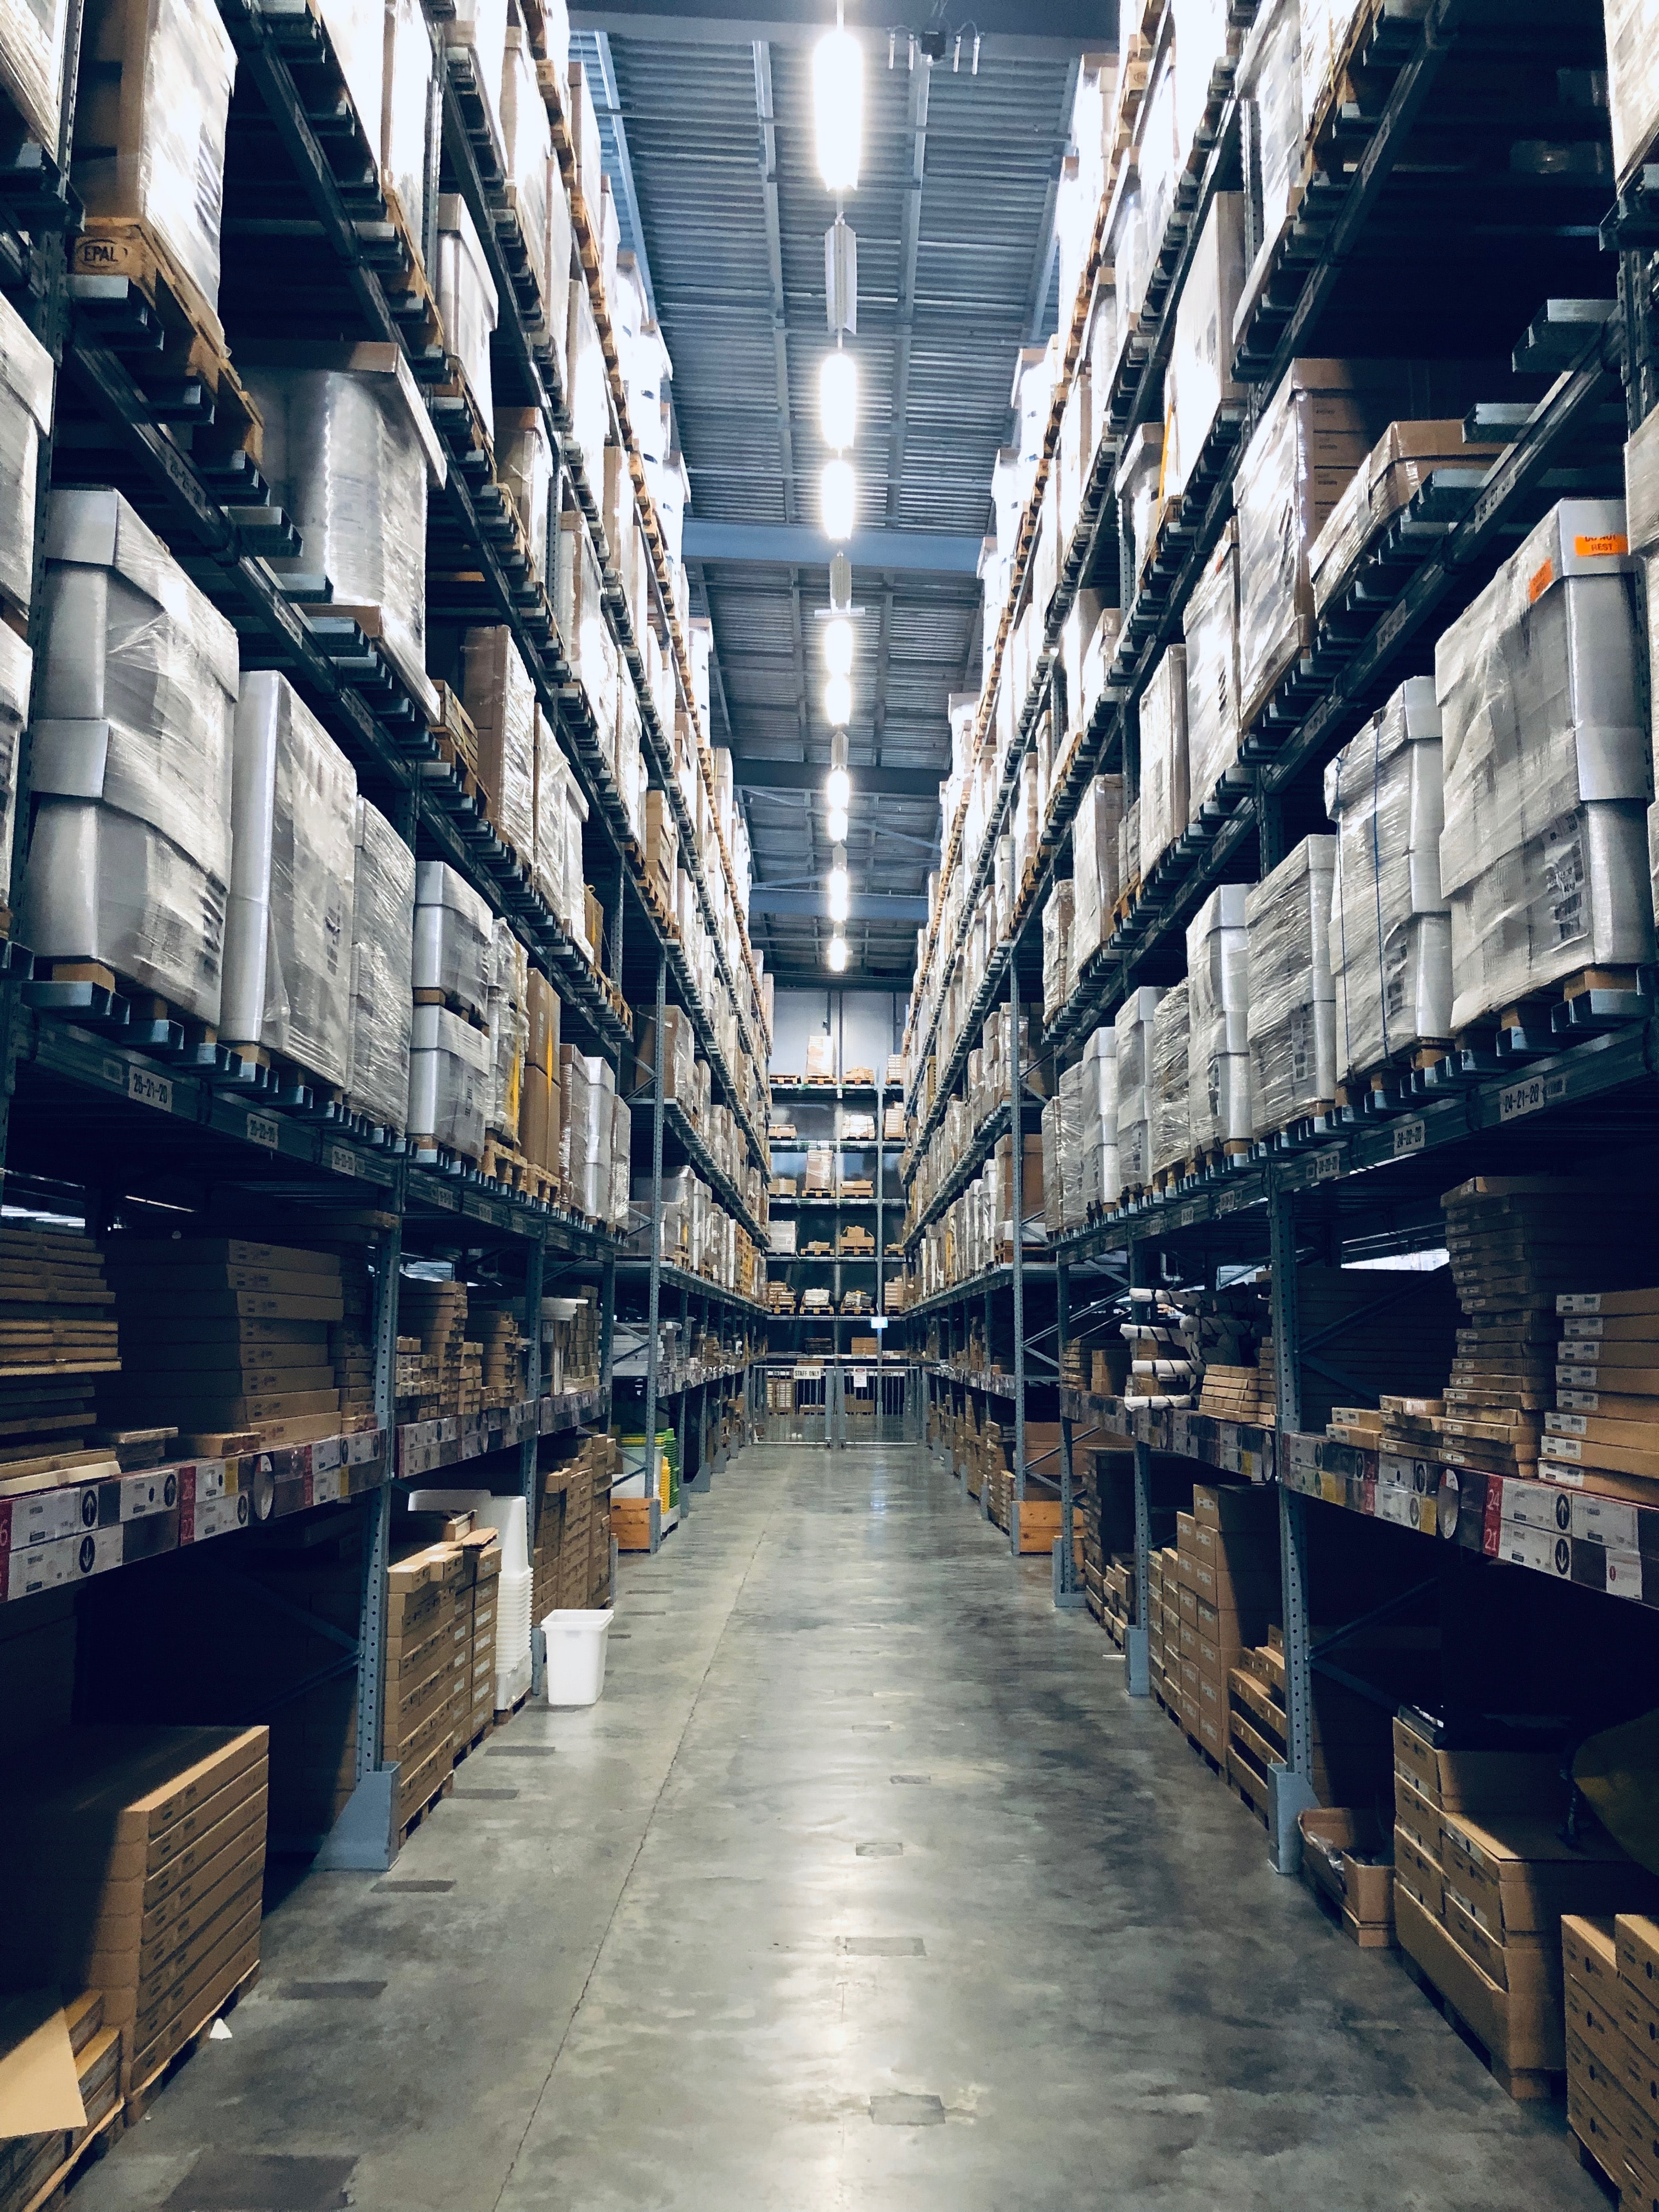 Almacén y logística de almacenamiento: una pareja inseparable